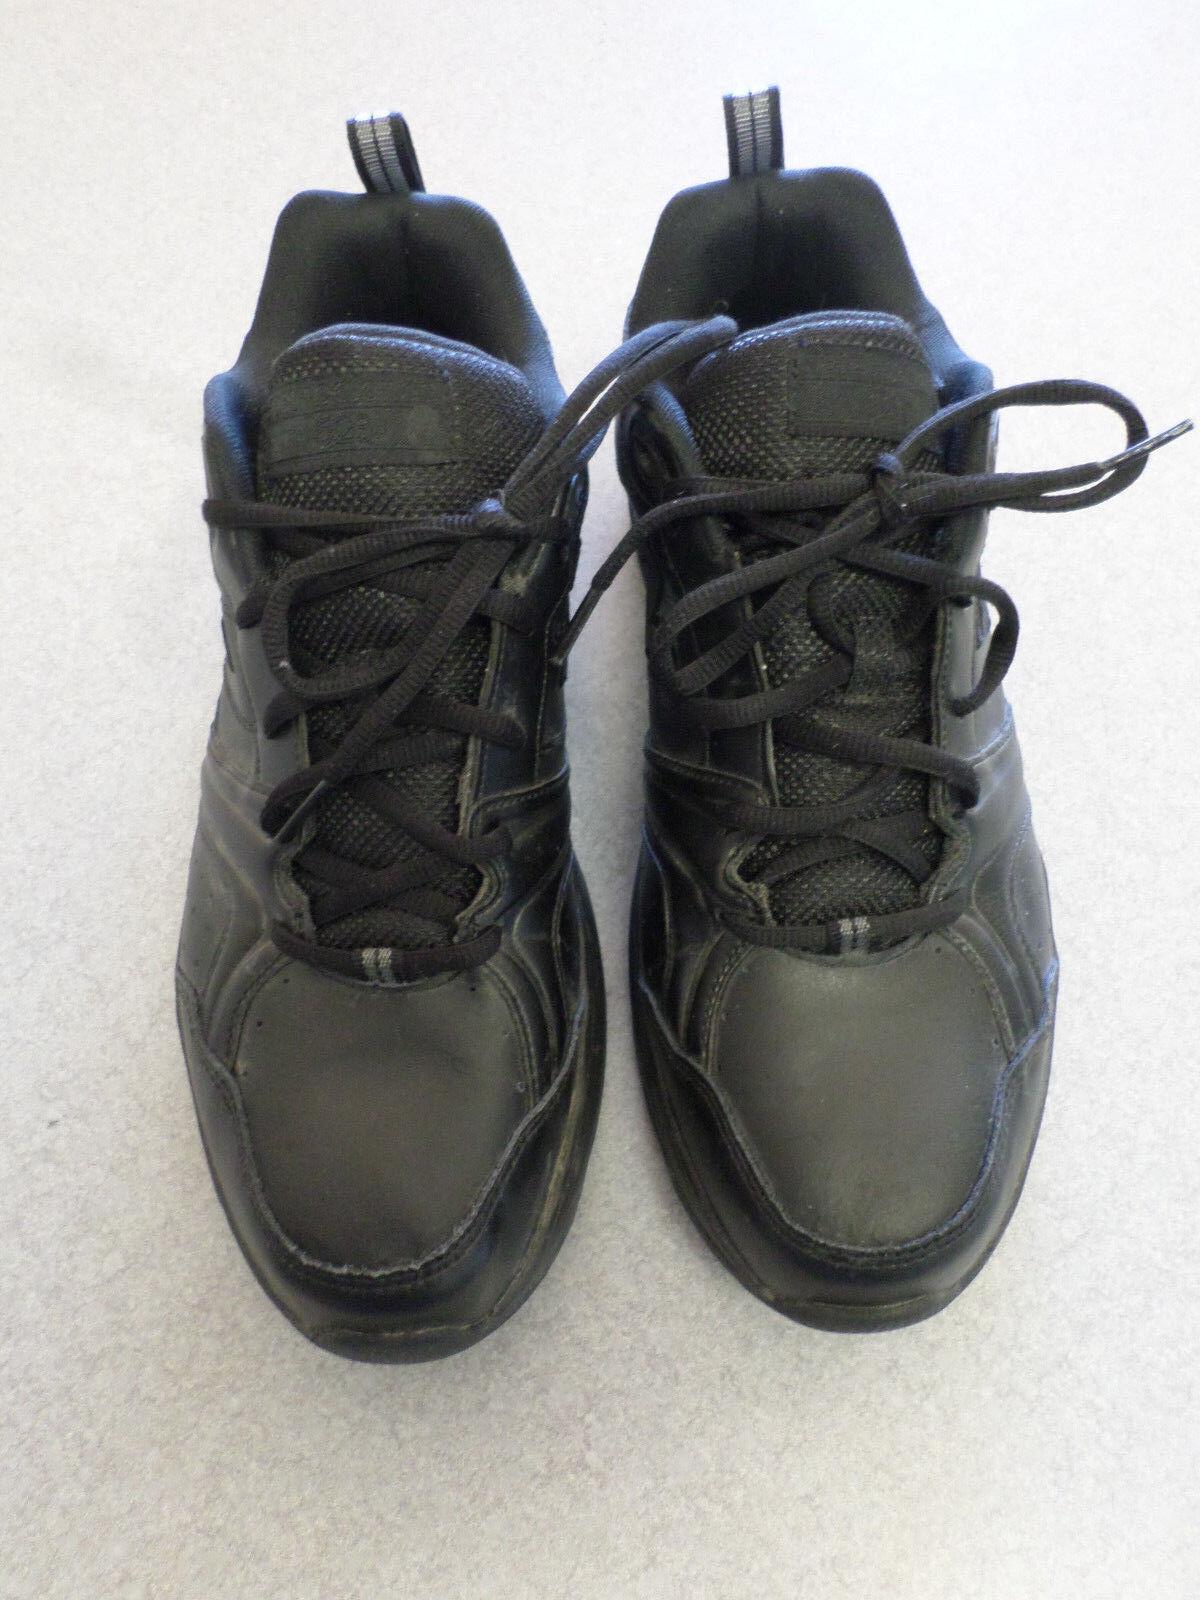 New Balance  623  Black Leather Athletic shoes. Men's 11 D (eur 45)